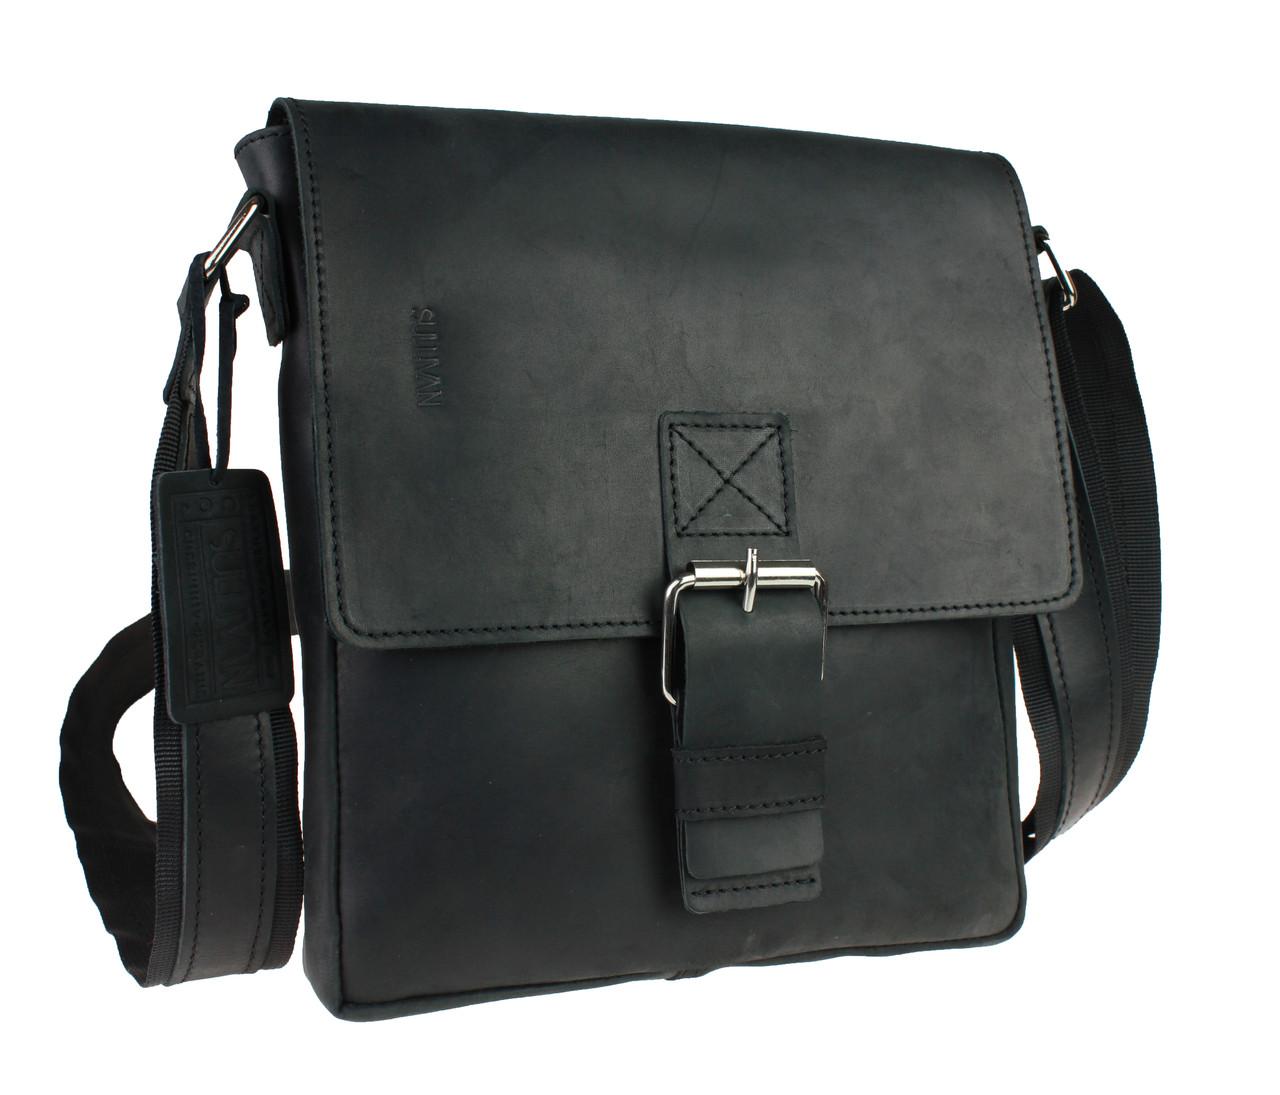 4a9a5b226777 Сумка мужская вертикальная кожаная планшет SULLIVAN: продажа, цена в ...